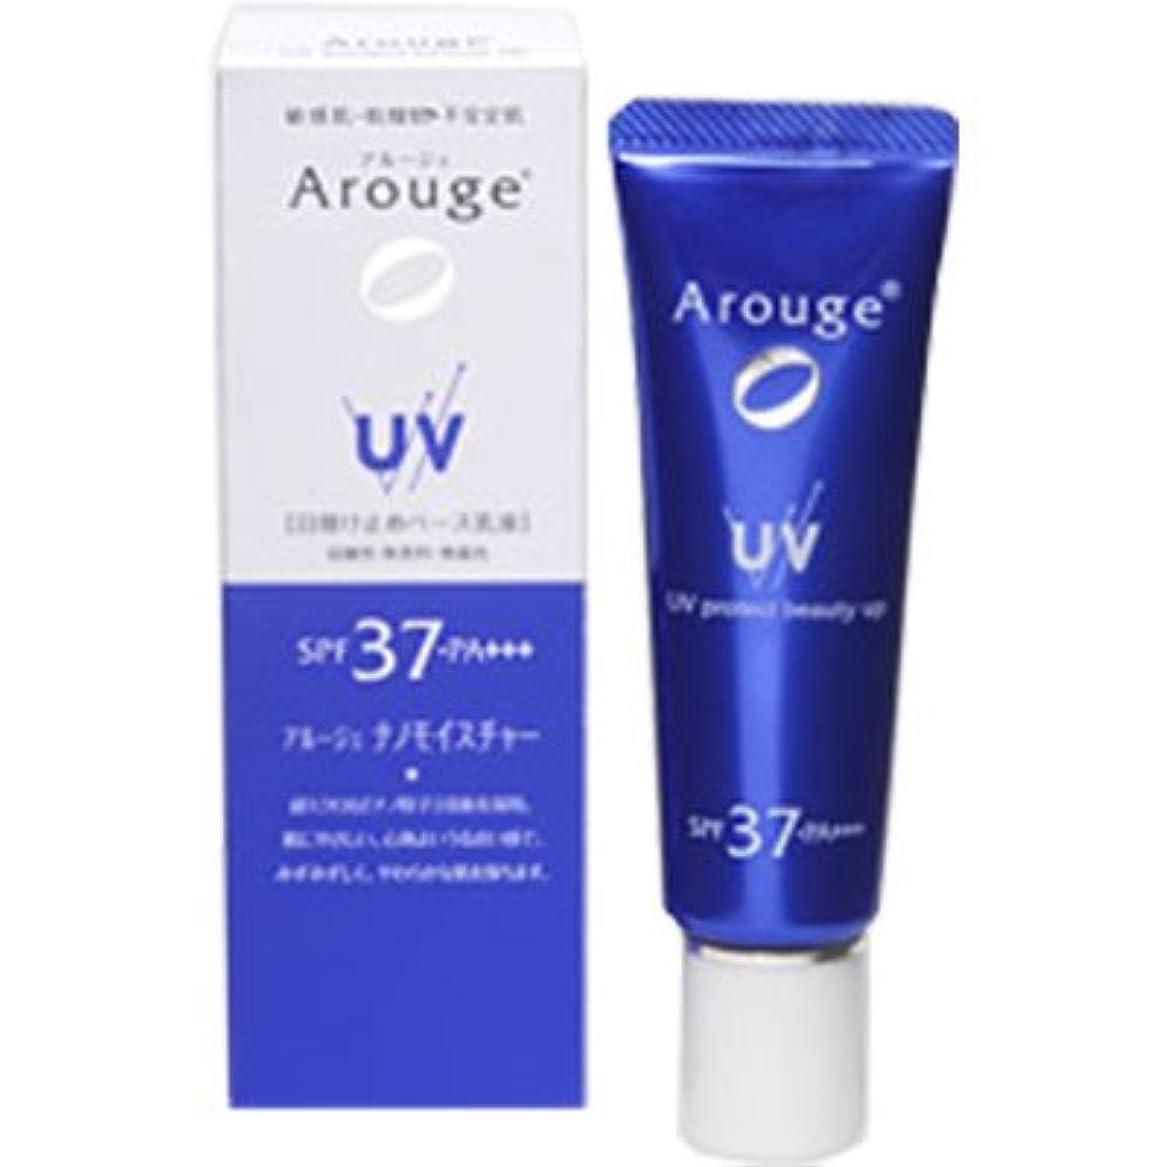 アルージェ?UV プロテクトビューティーアップ 25g (日焼け止め?乳液) [並行輸入品]